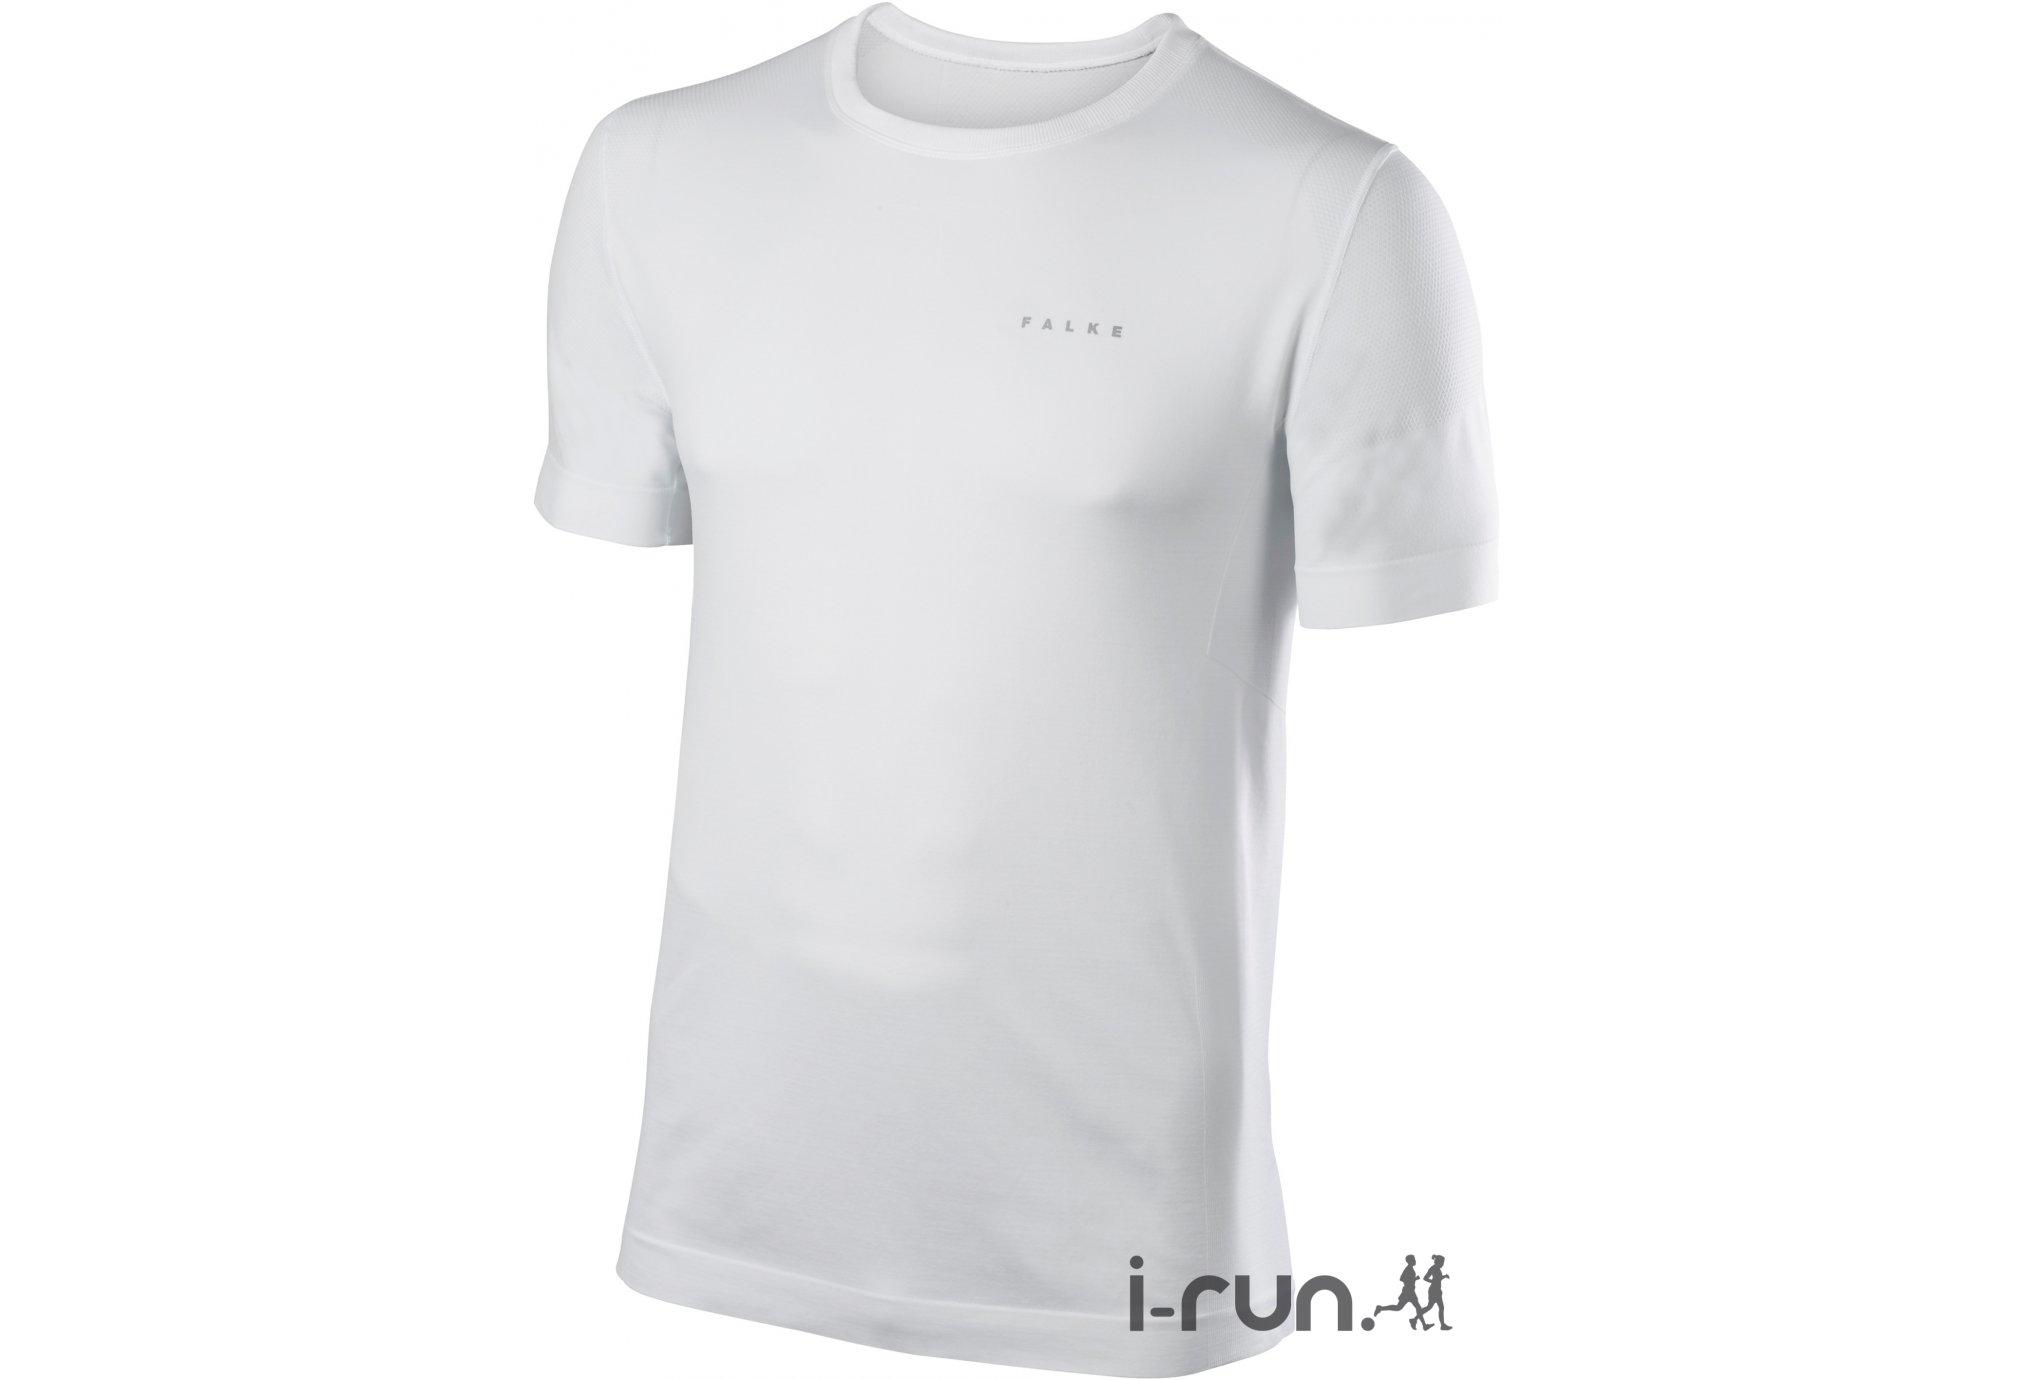 Falke Tee-shirt Energy M vêtement running homme